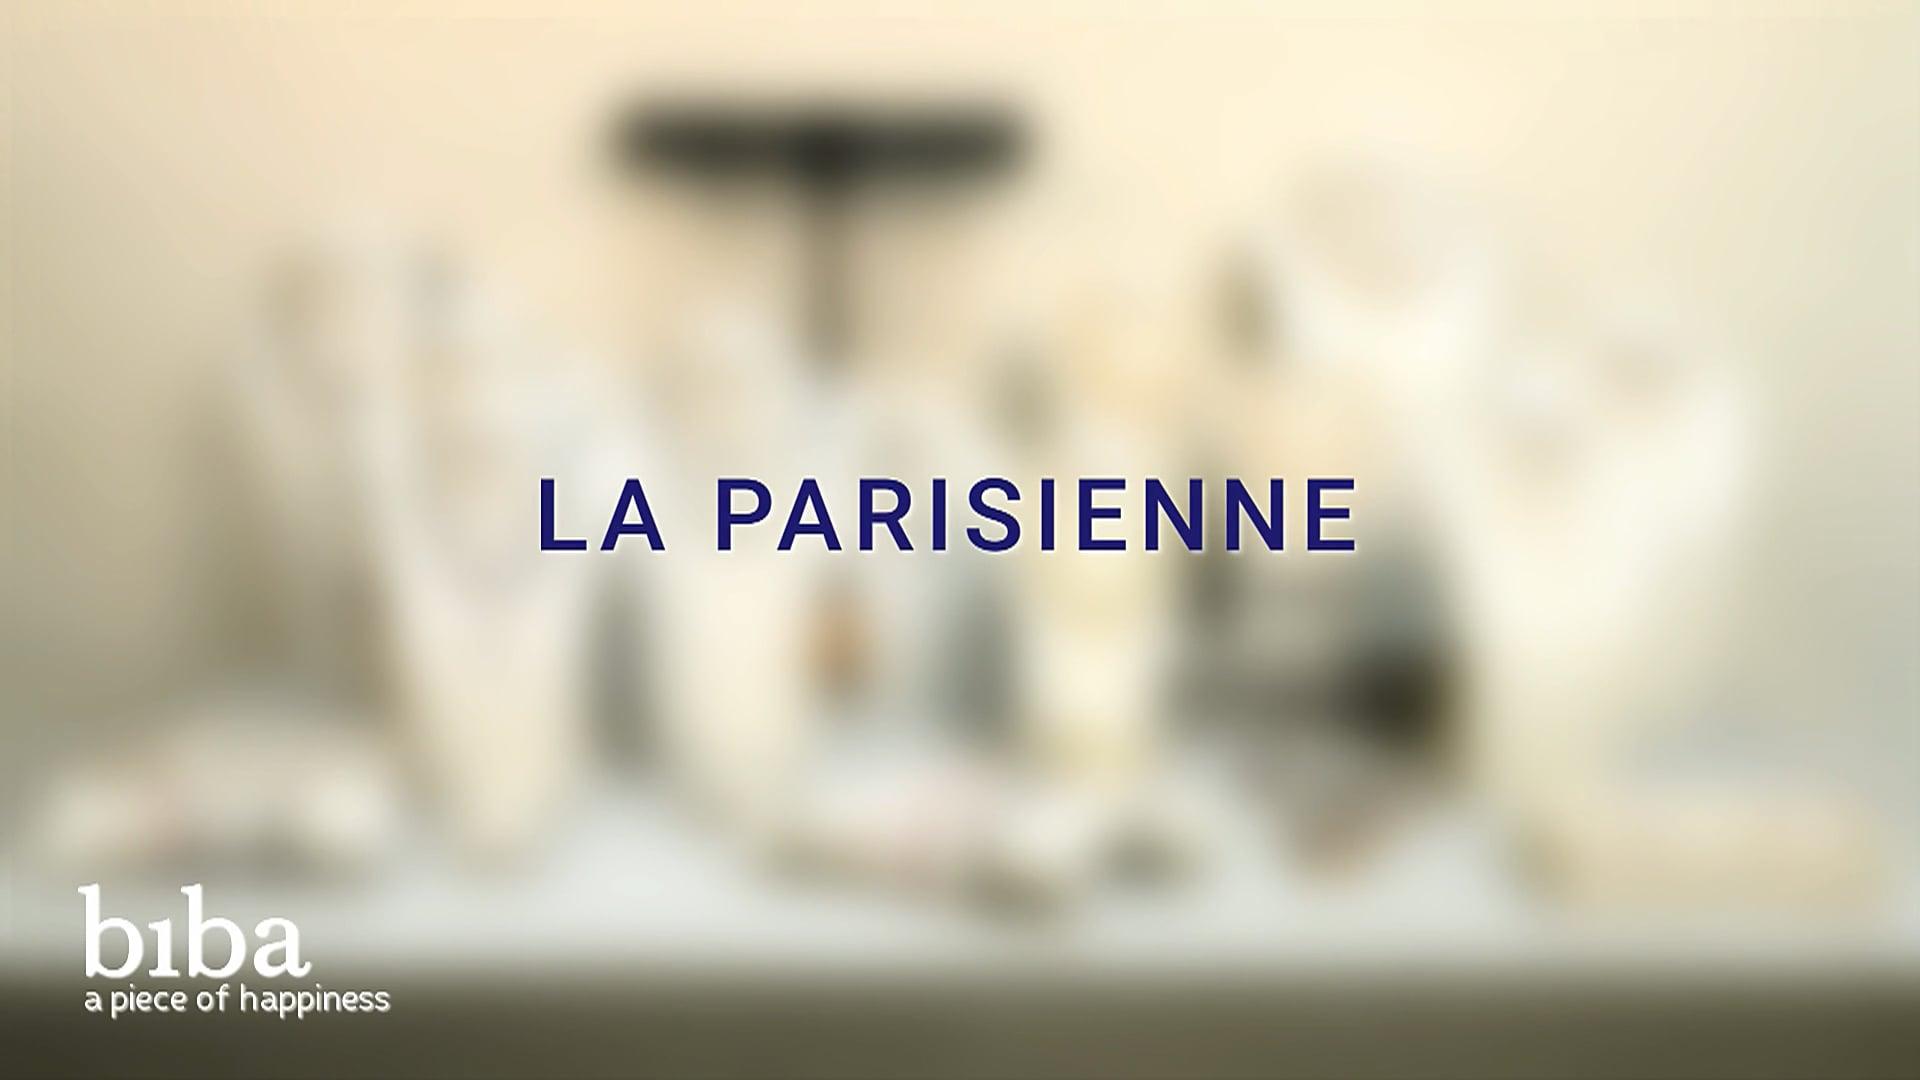 Biba La parisienne AW21